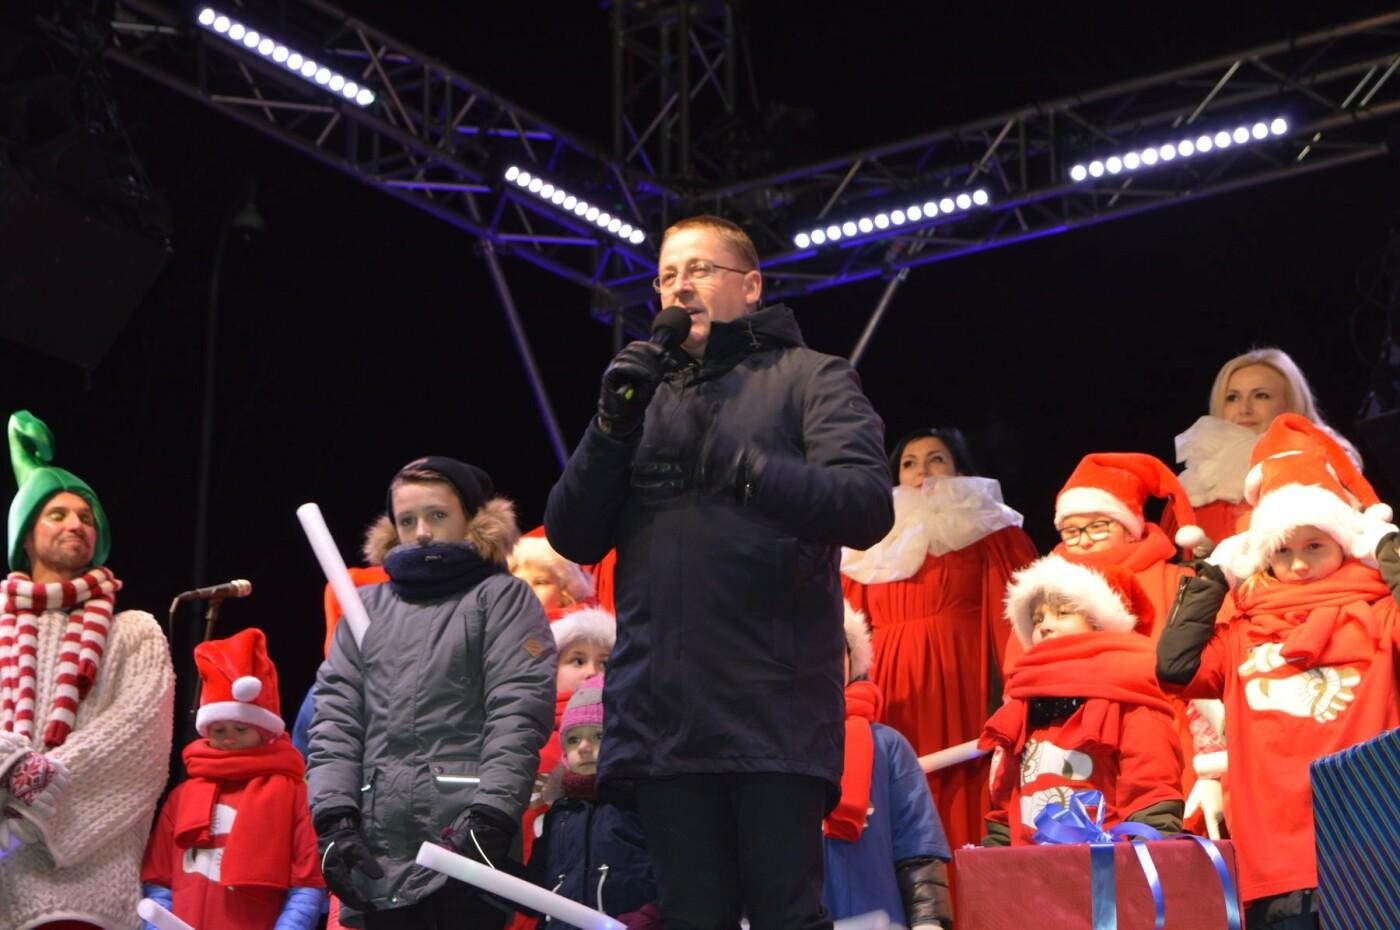 Palanga įžiebė eglę ir suspindo tūkstančiais kalėdinių šviesų, nuotrauka-9